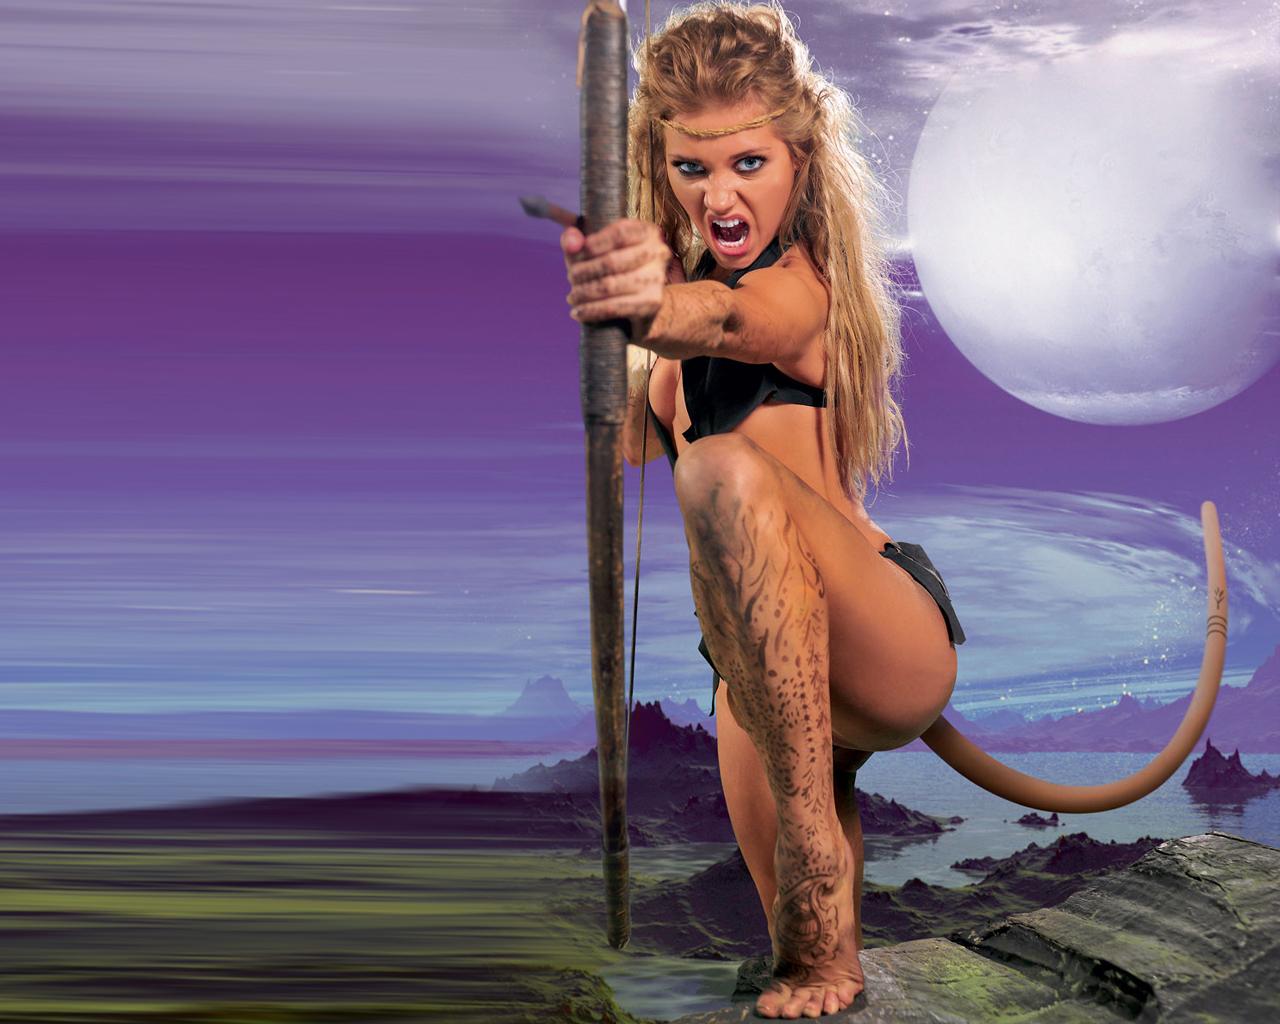 Фото девушки кристины асмус без одежды 3 фотография